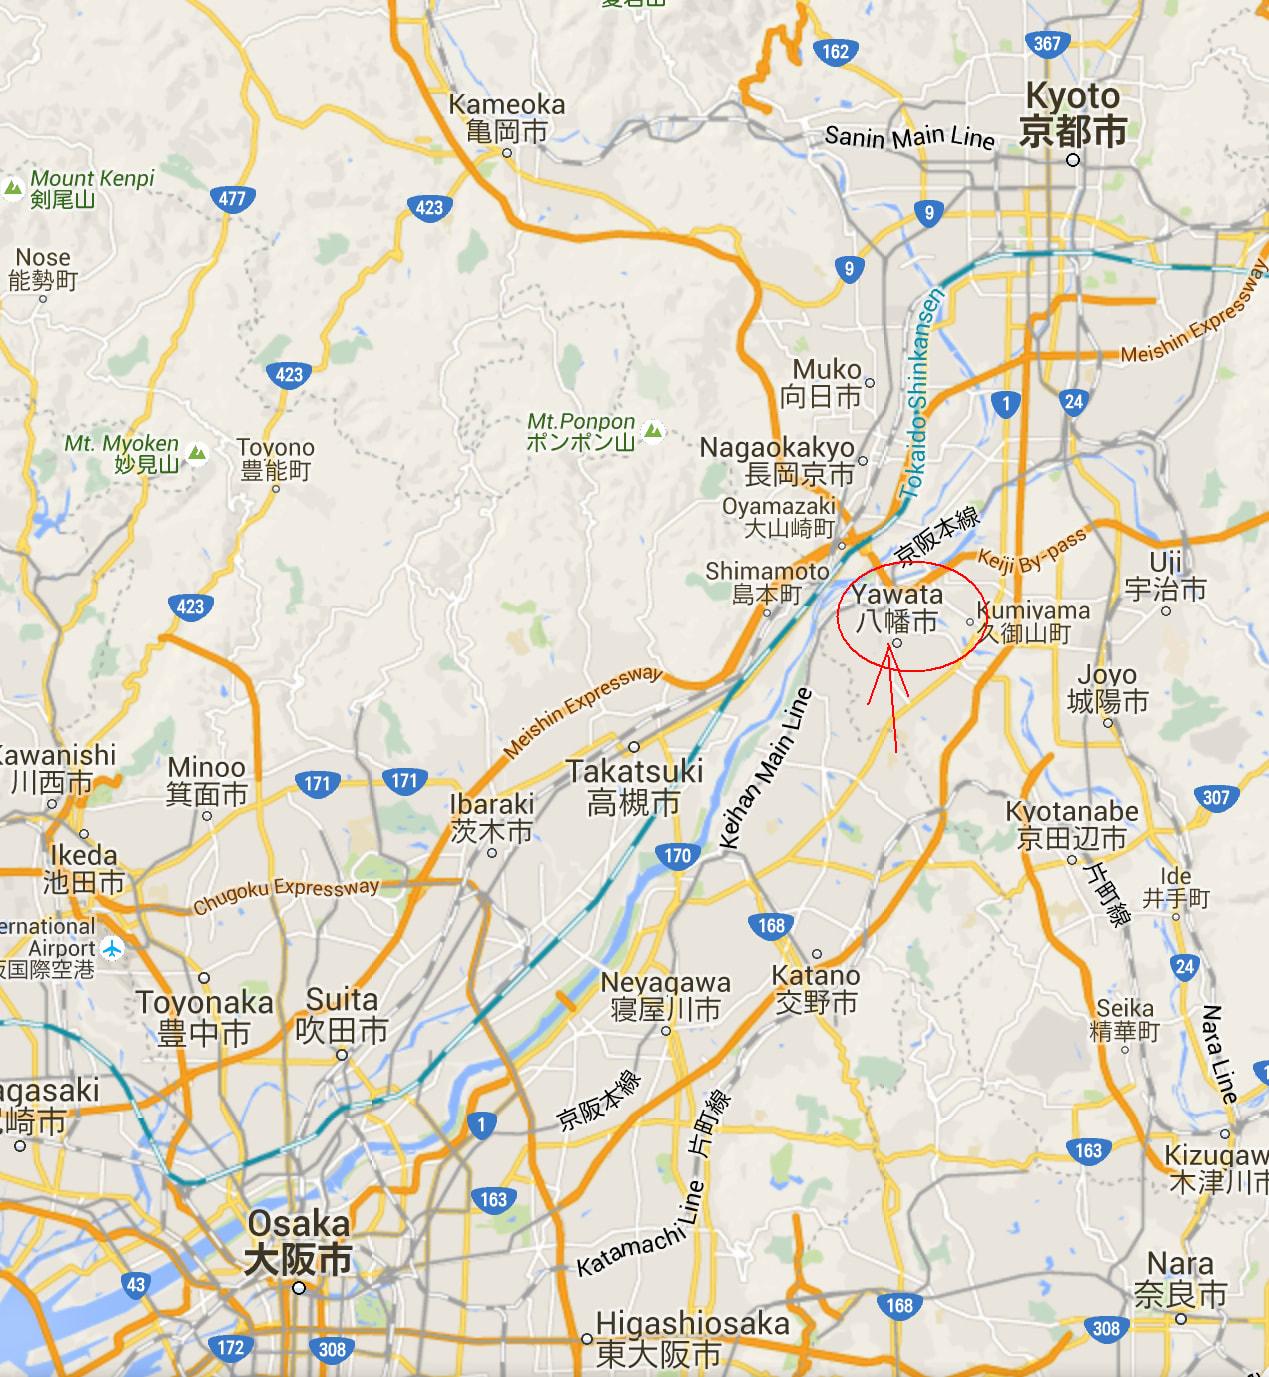 個人的鐵路旅行KENJI-travel